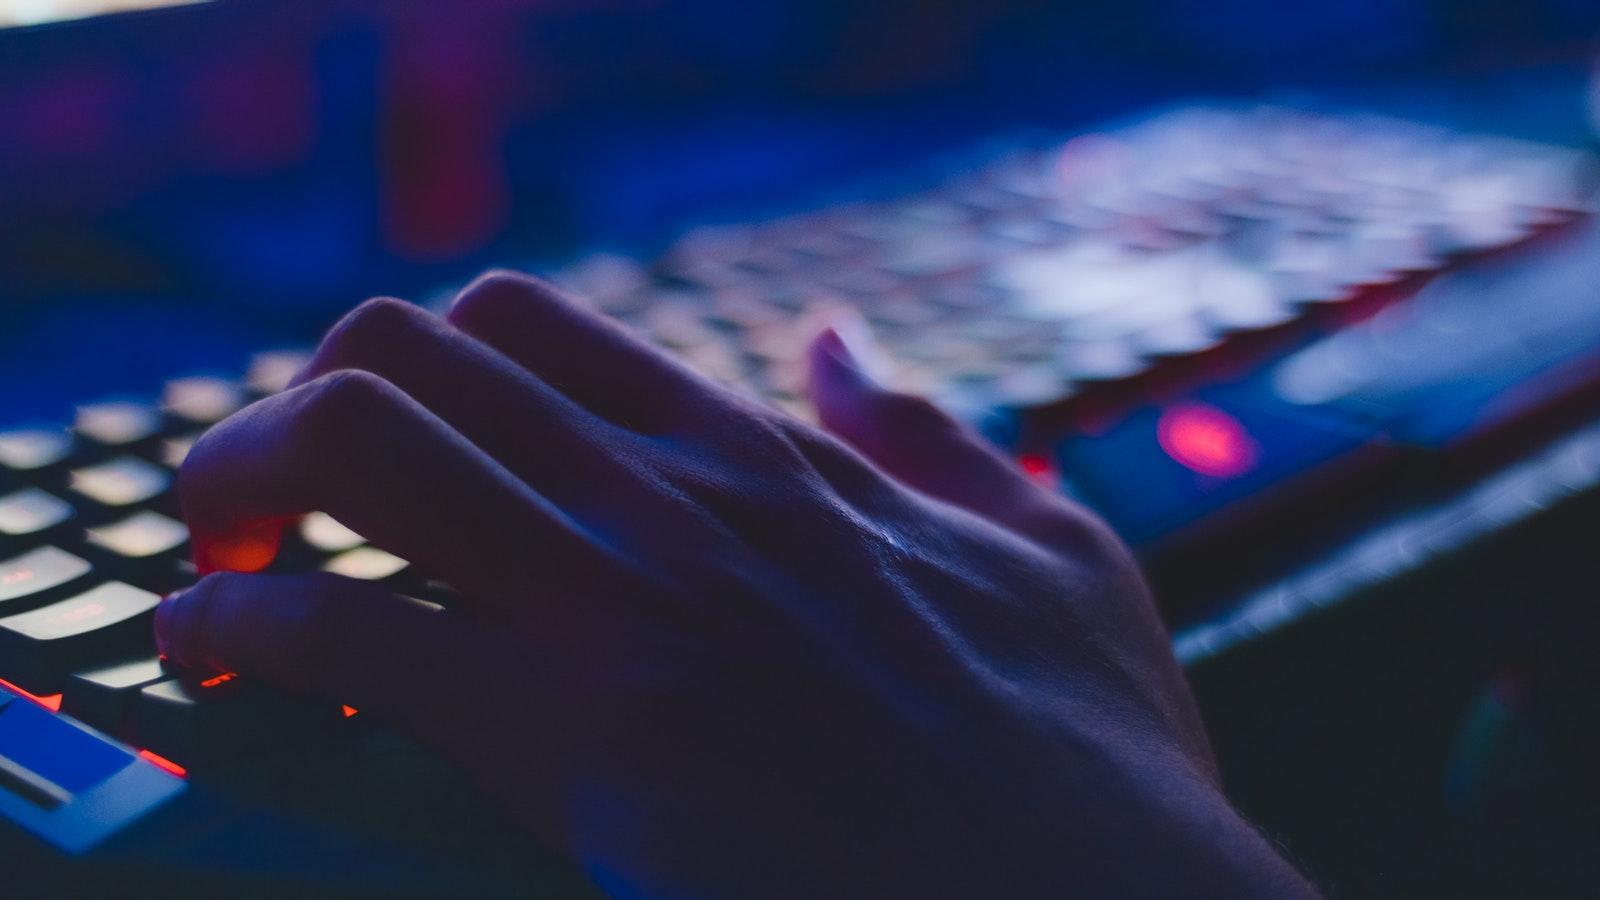 Bilgisayar Mühendisliği Lisans Programı 2019 Başarı Sıralamaları Burada!